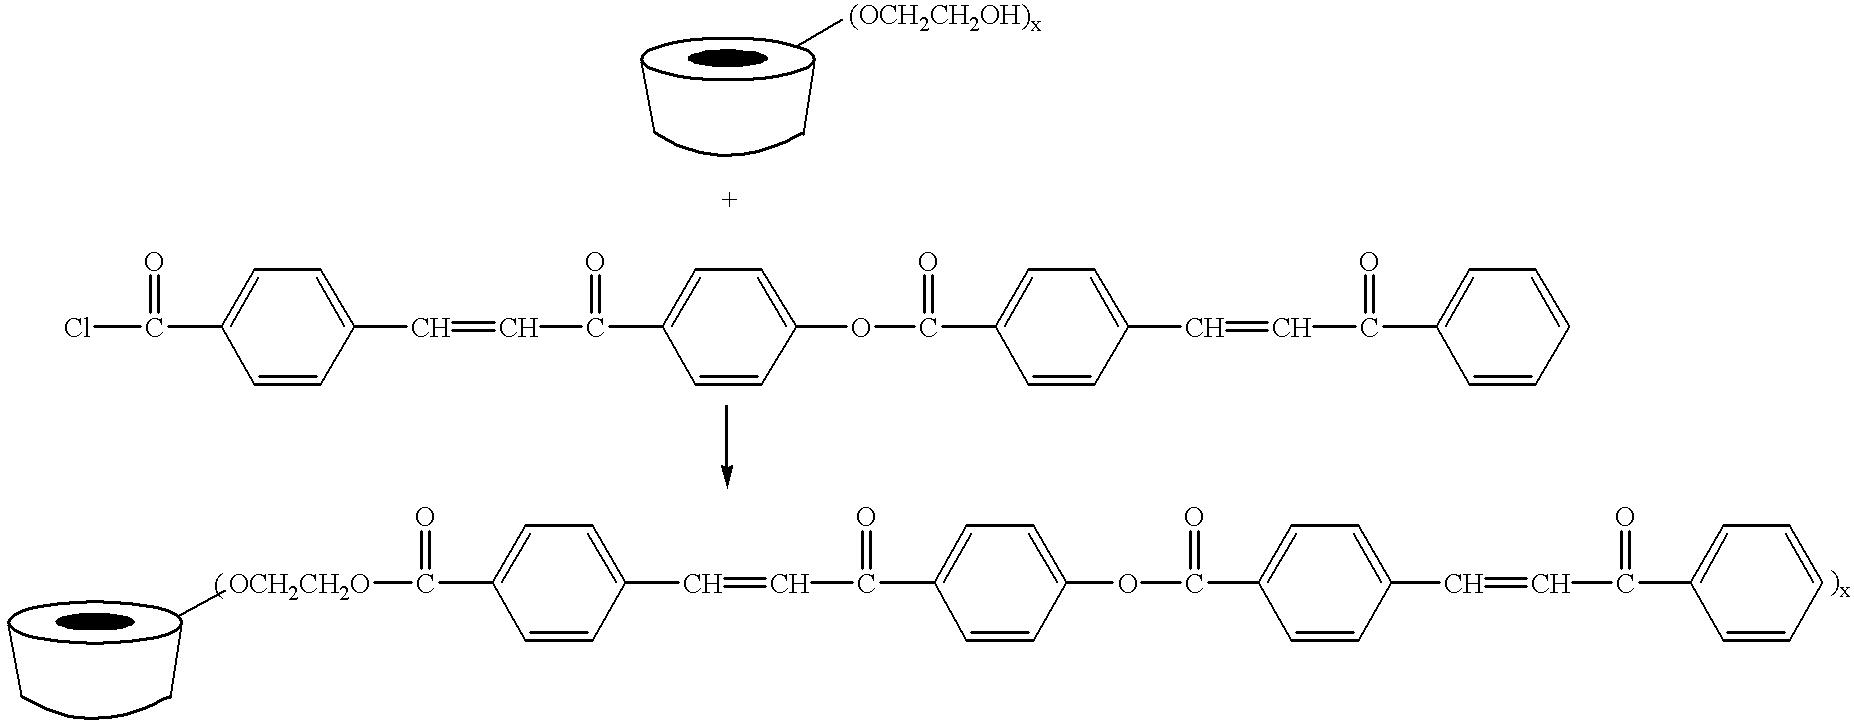 Figure US06342305-20020129-C00048